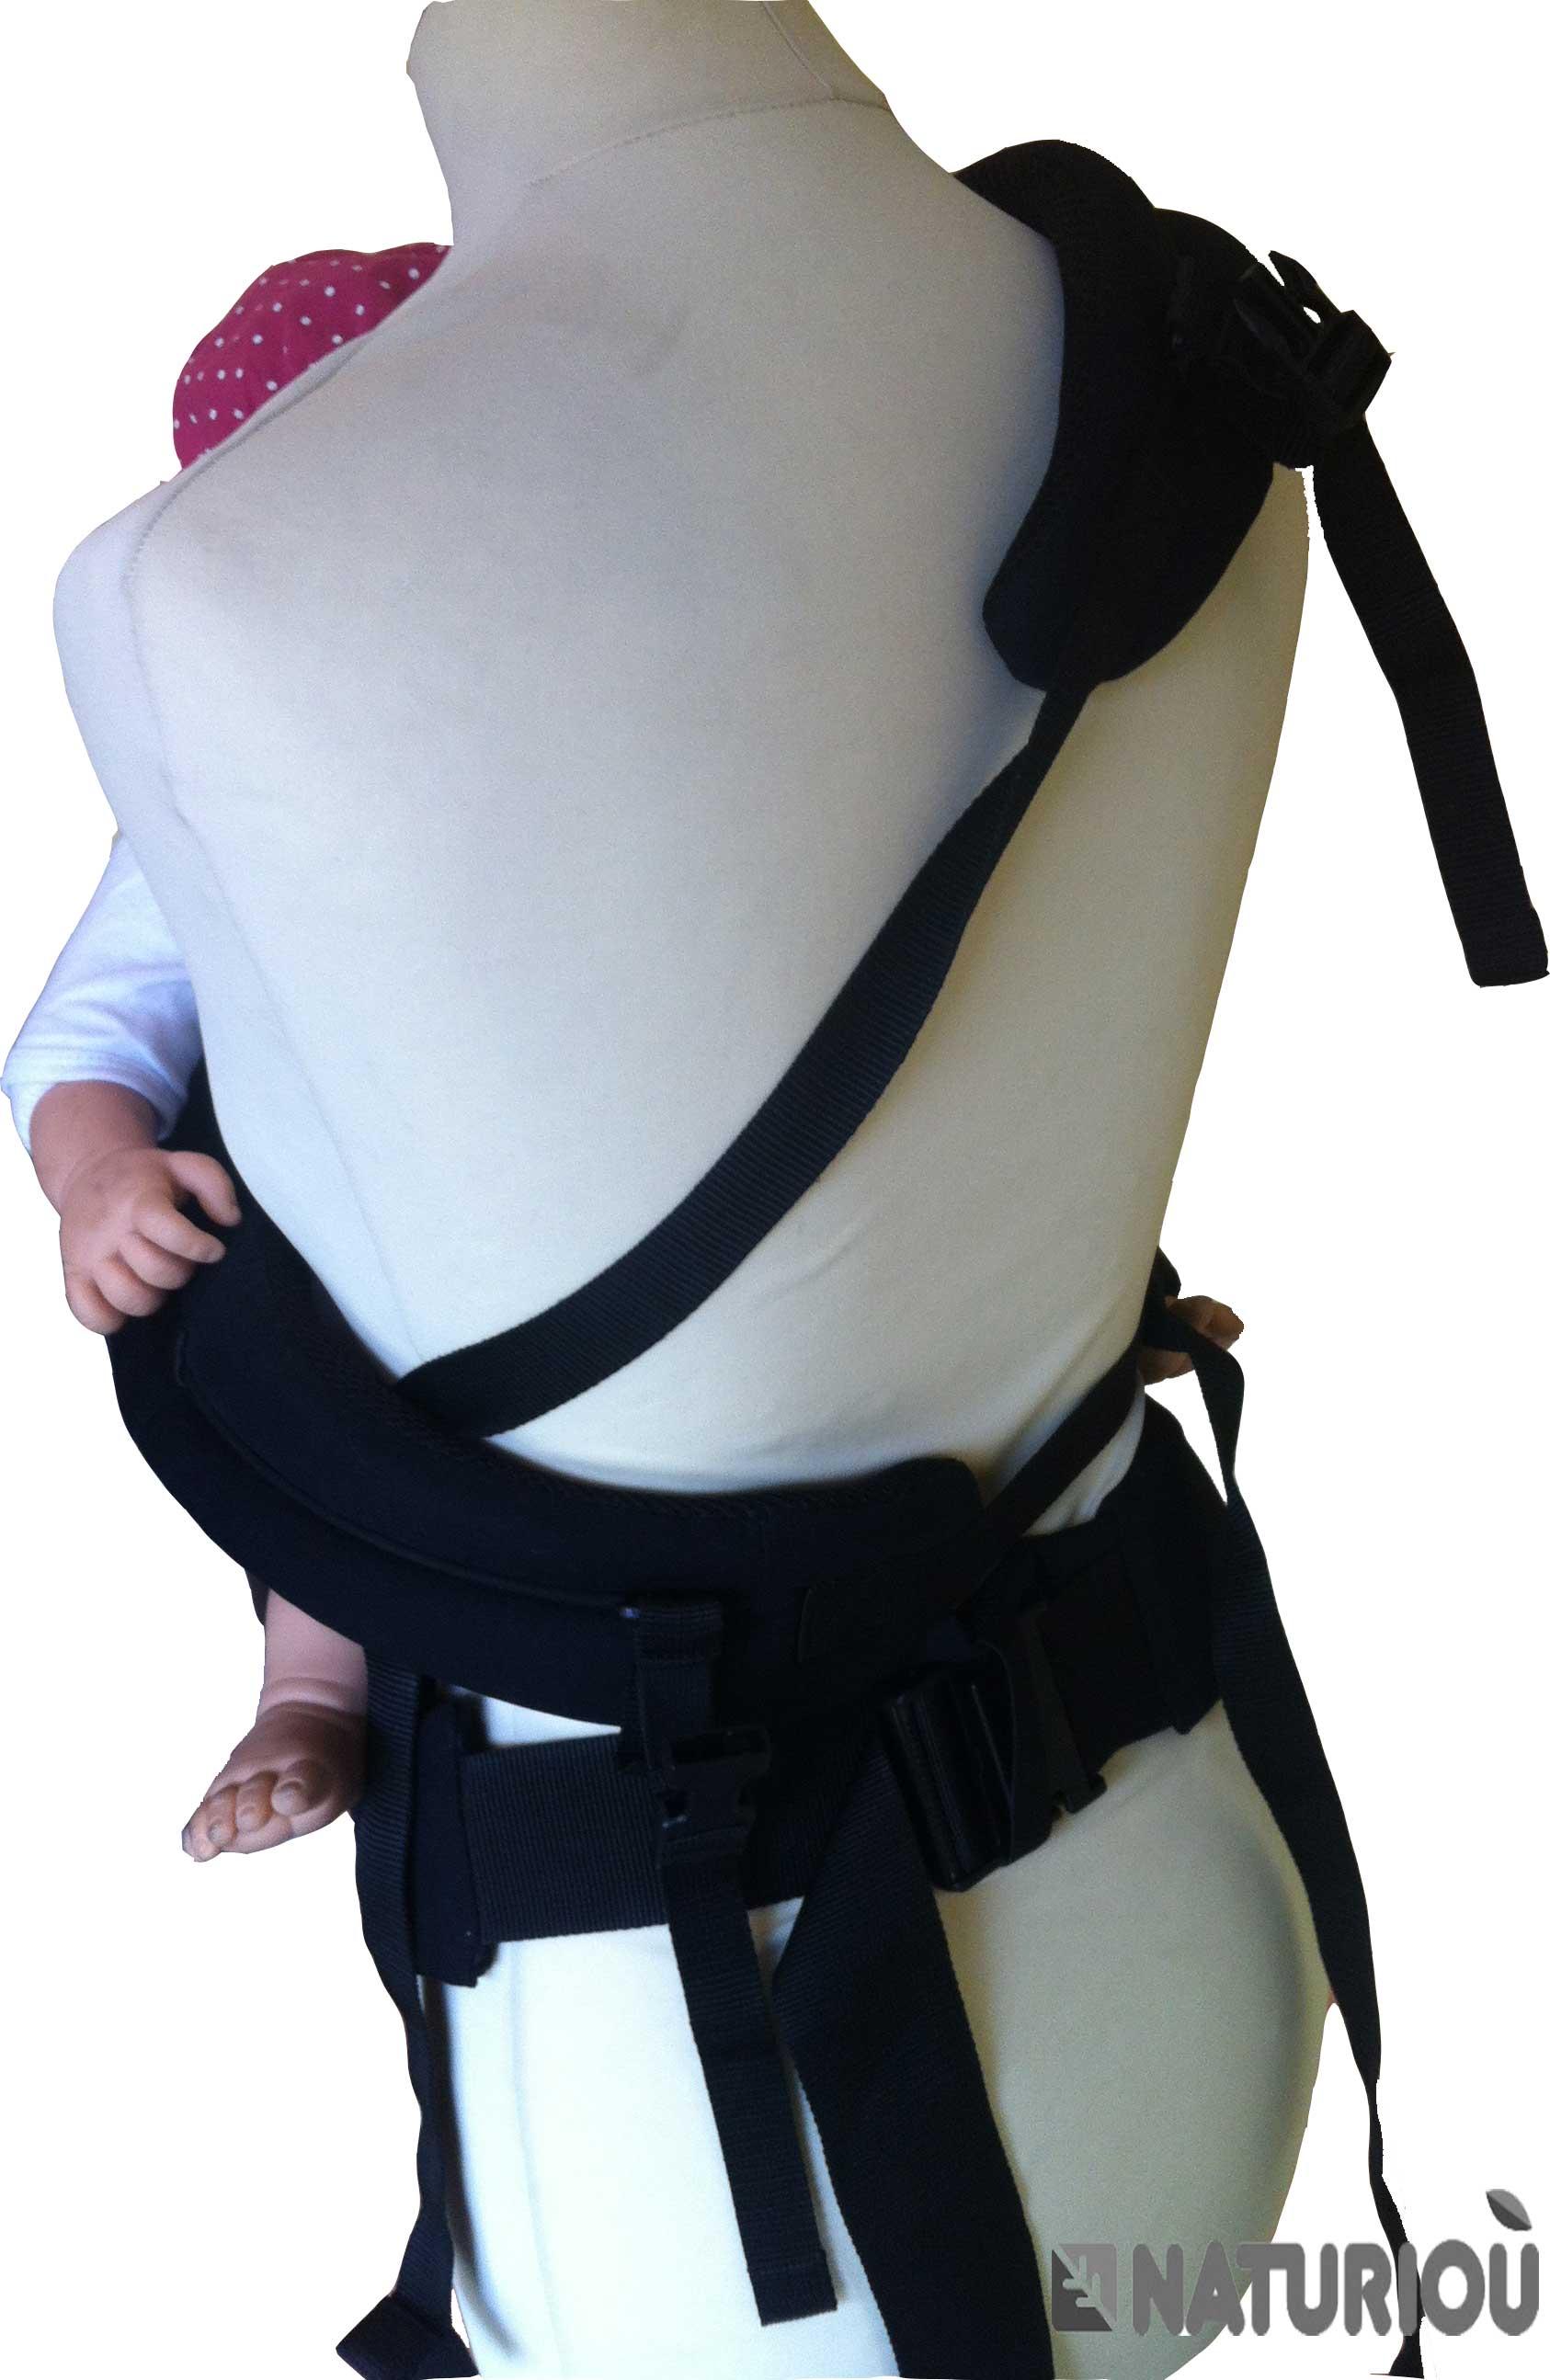 porter sur les hanches votre enfants avec le PhysioCarrier de JPMBB